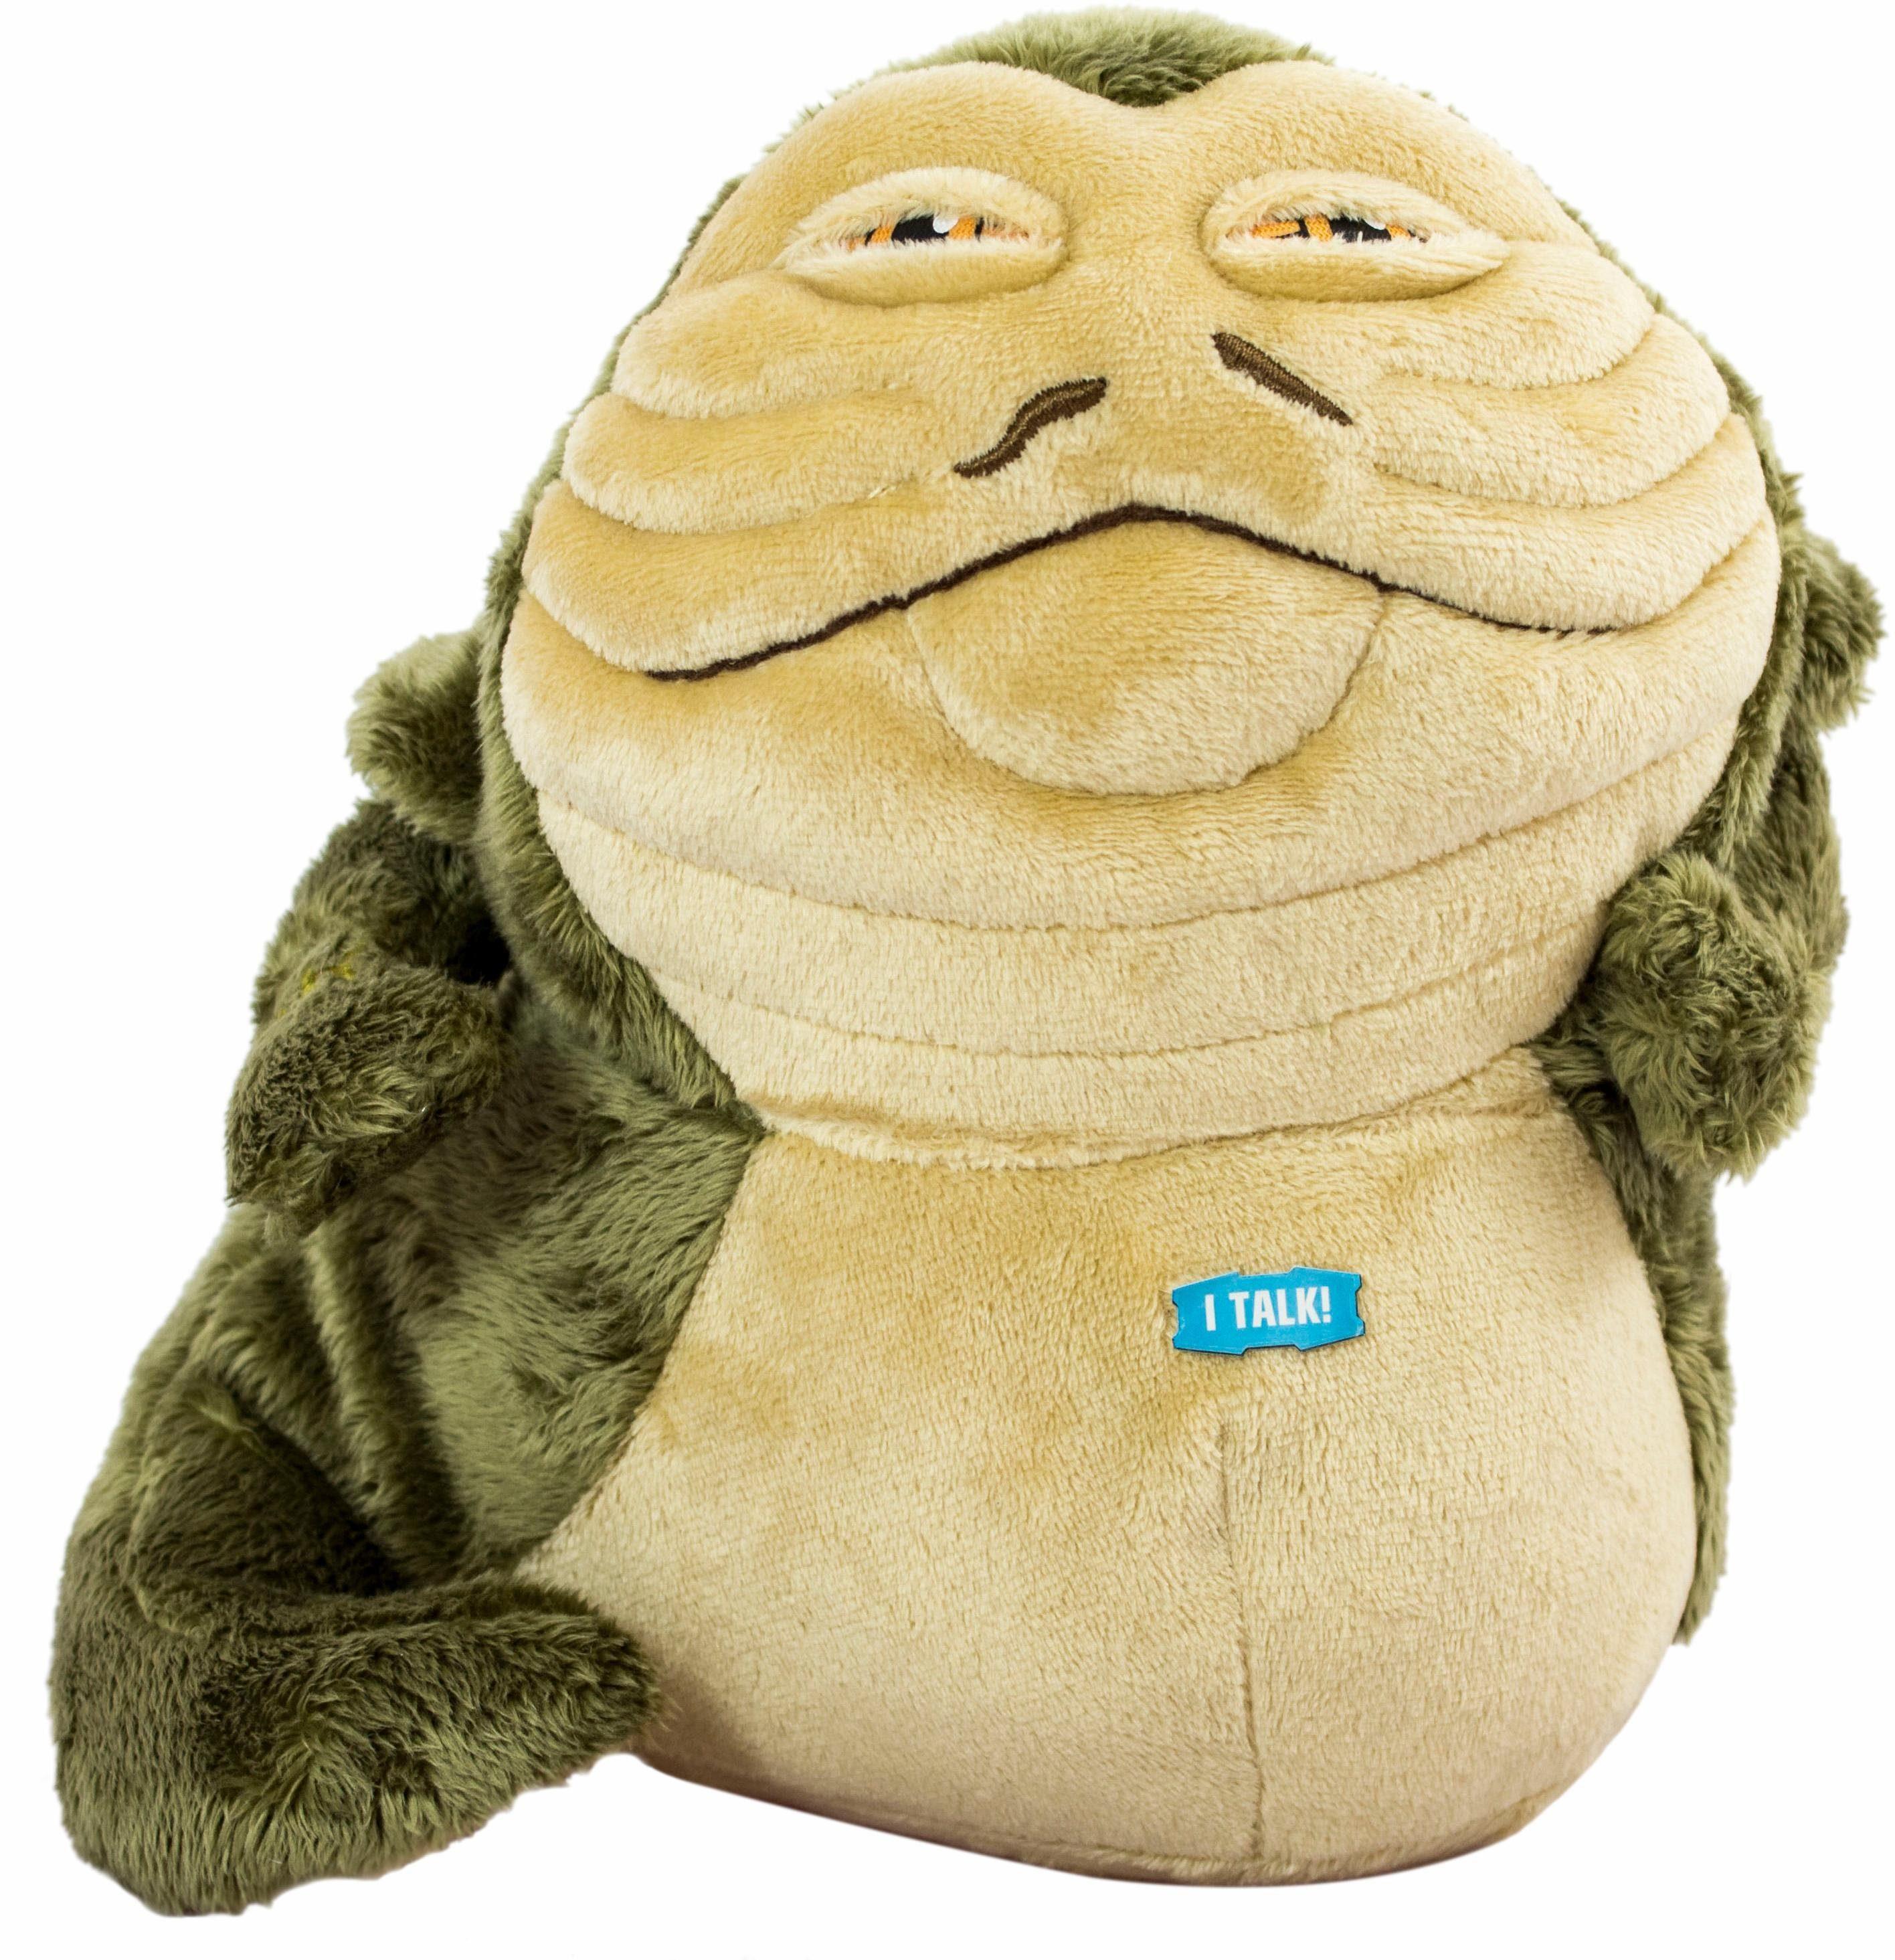 Plüschfigur mit Sound, »Disney Star Wars™ Collectors Edition, Jabba the Hutt, ca. 23 cm«